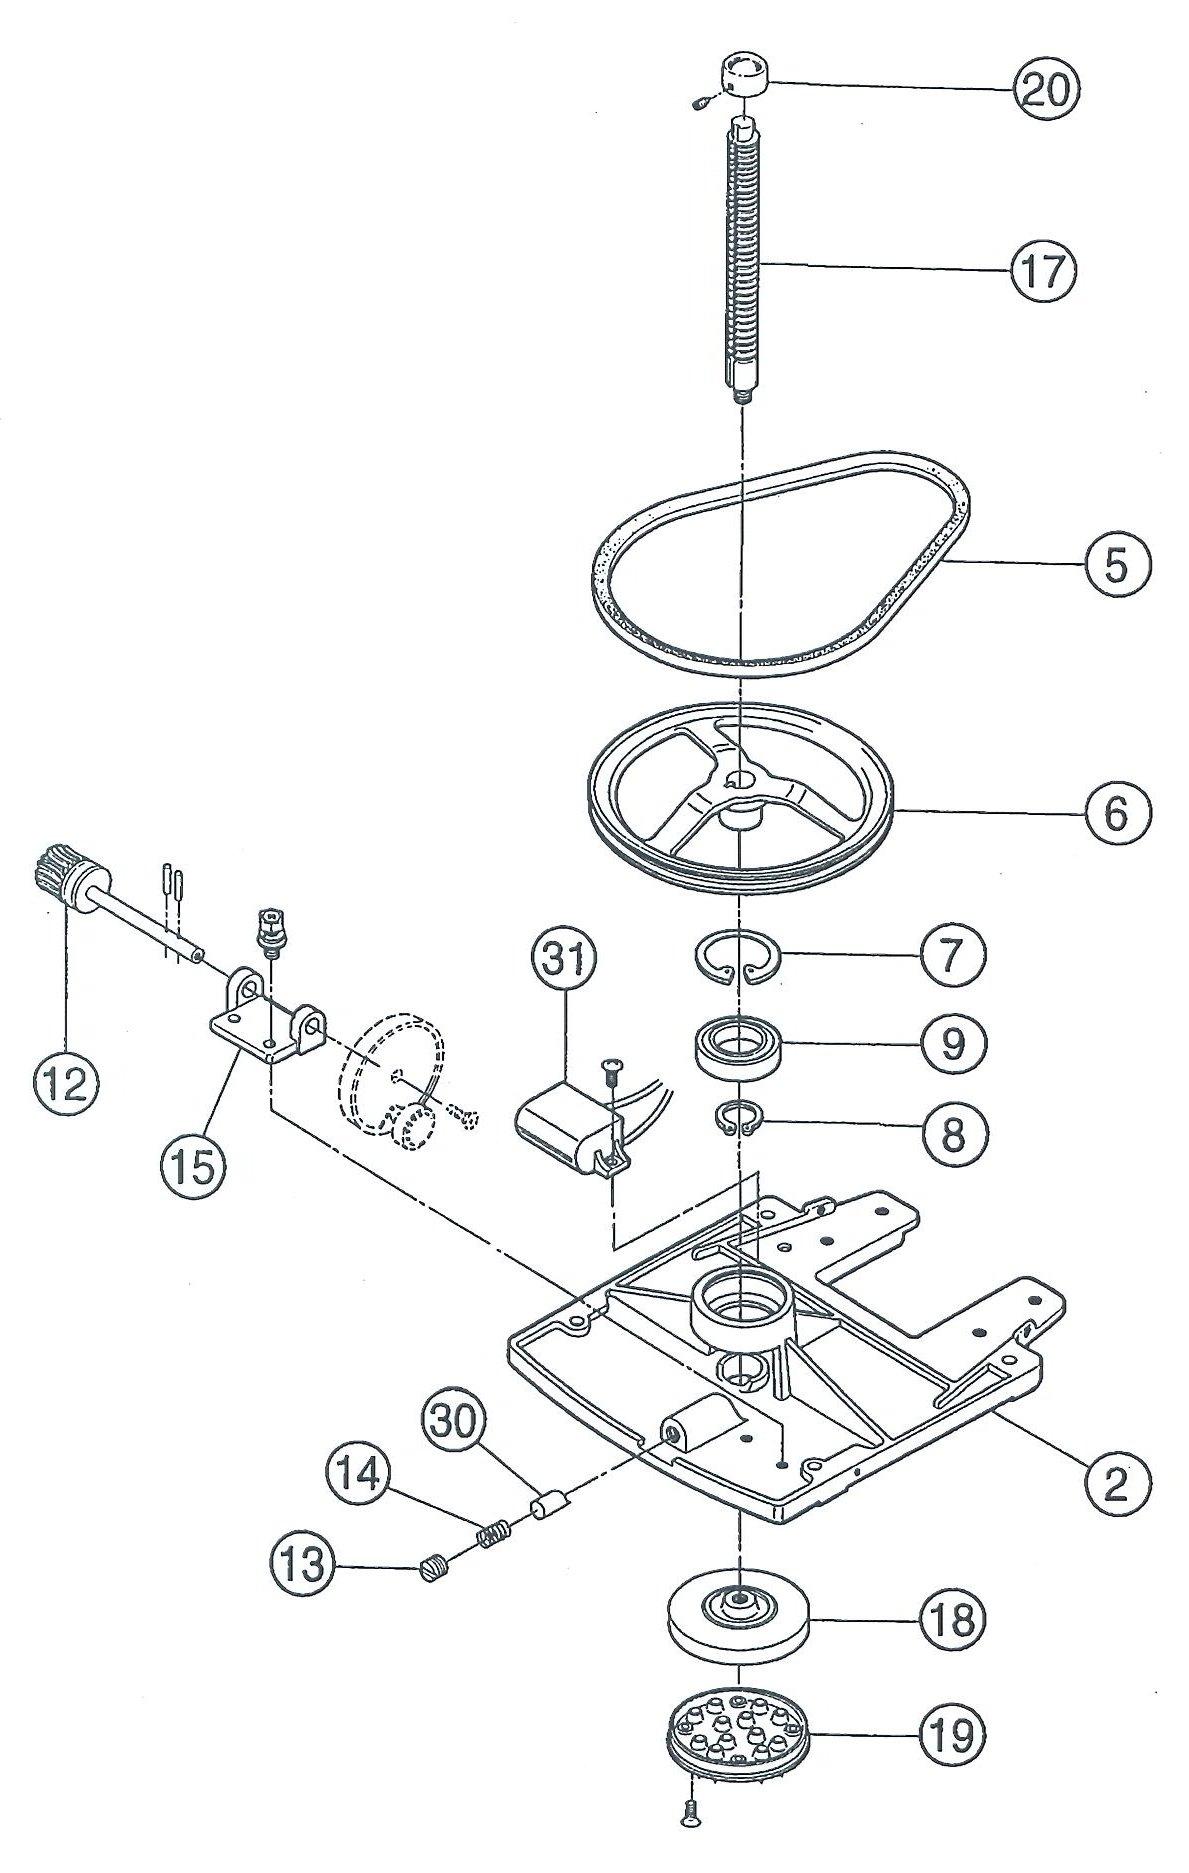 Parts Diagram Si 150s Assemble1 Ice Shavers